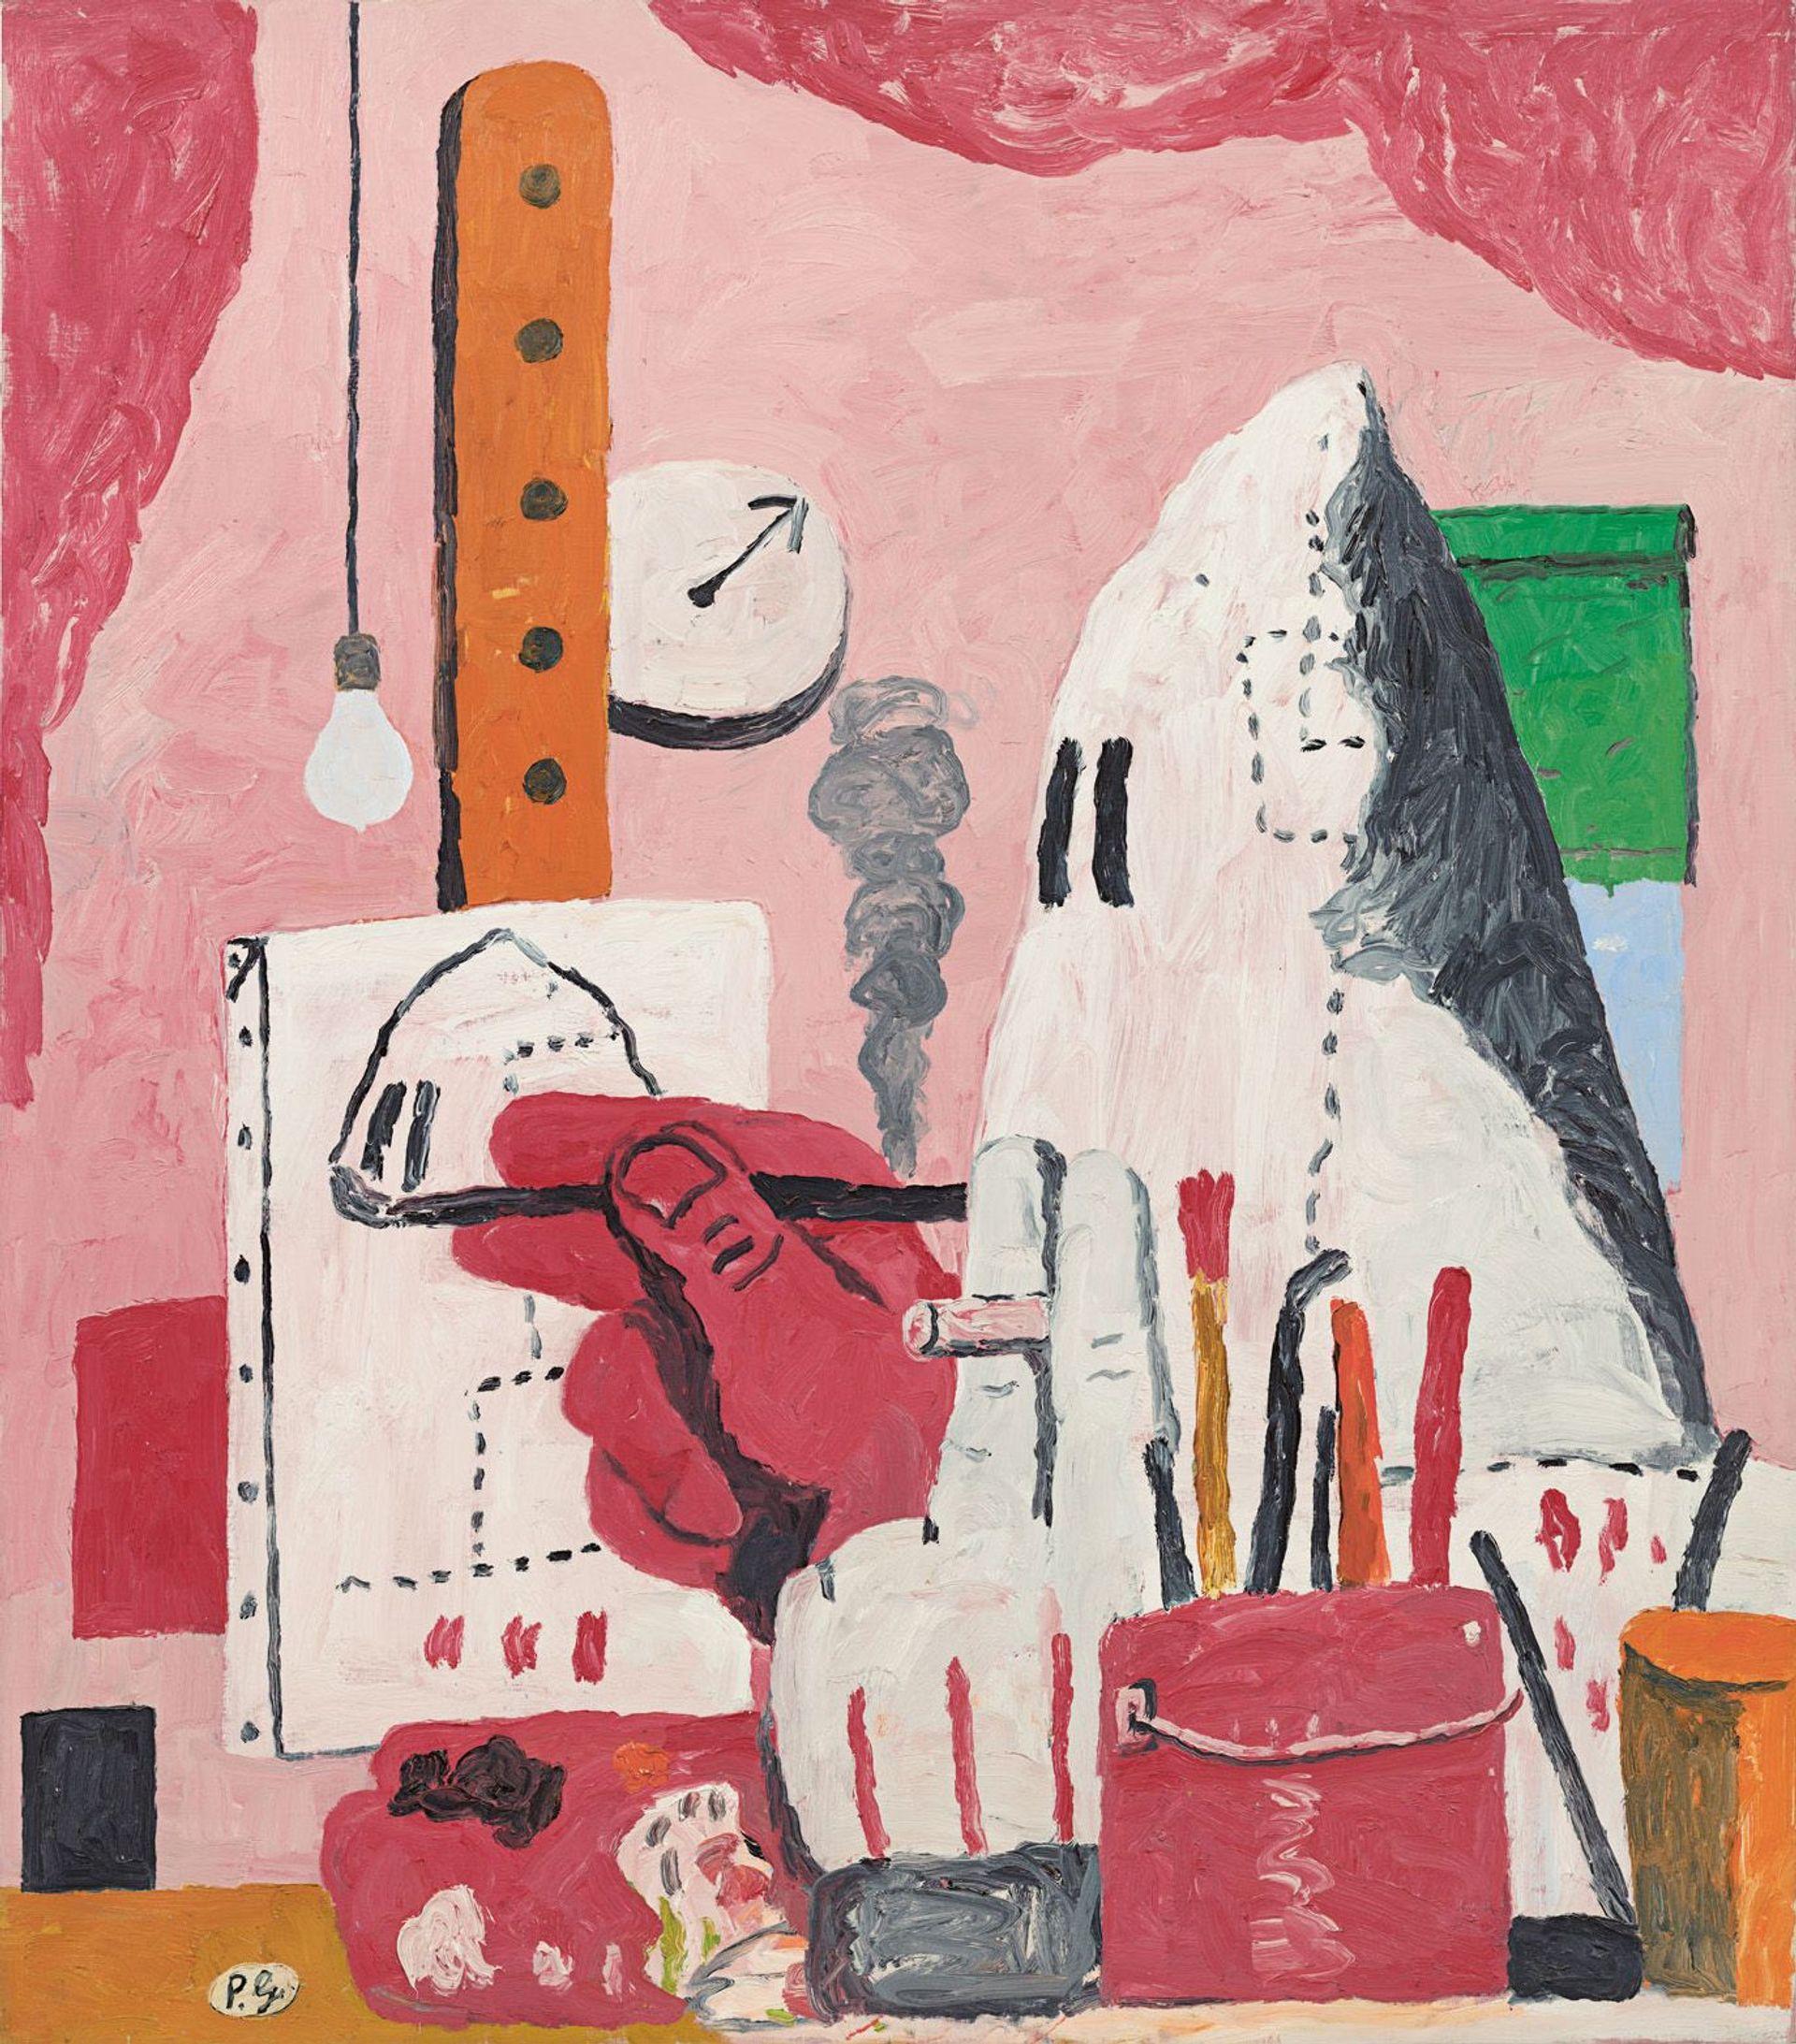 Philip Guston's The Studio (1969) © The Estate of Philip Guston